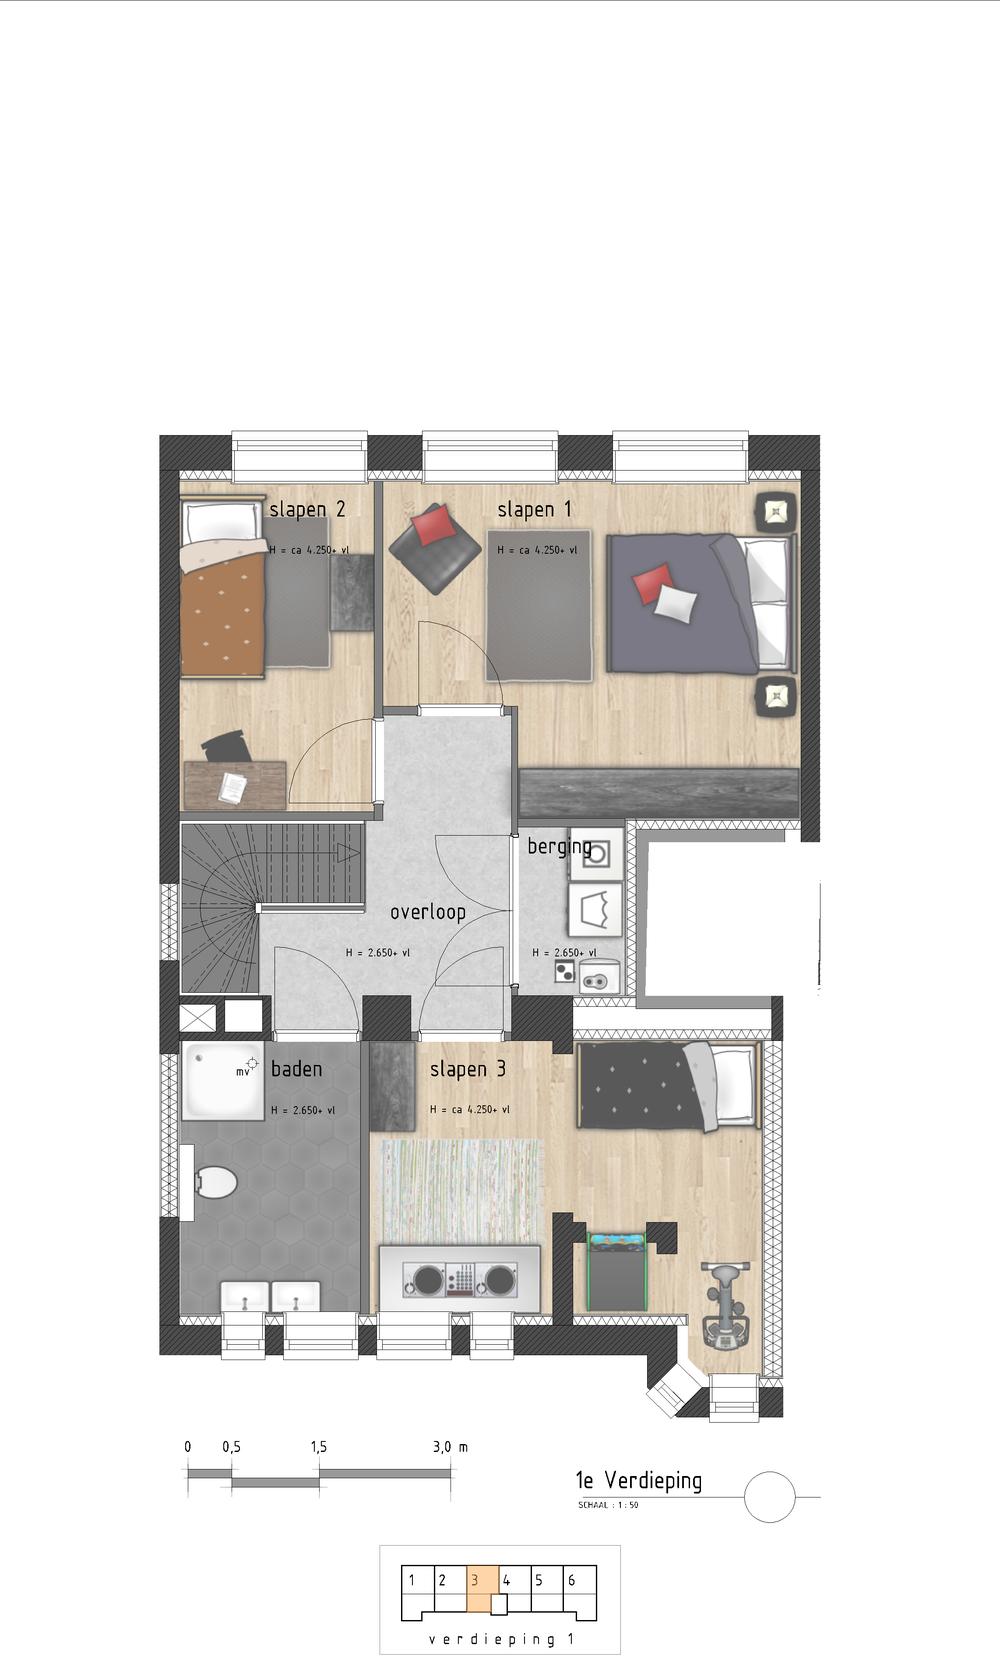 t.008_BA 120.Plattegronden.Floorplanner - d.d. 14.11.2016-03.01.png